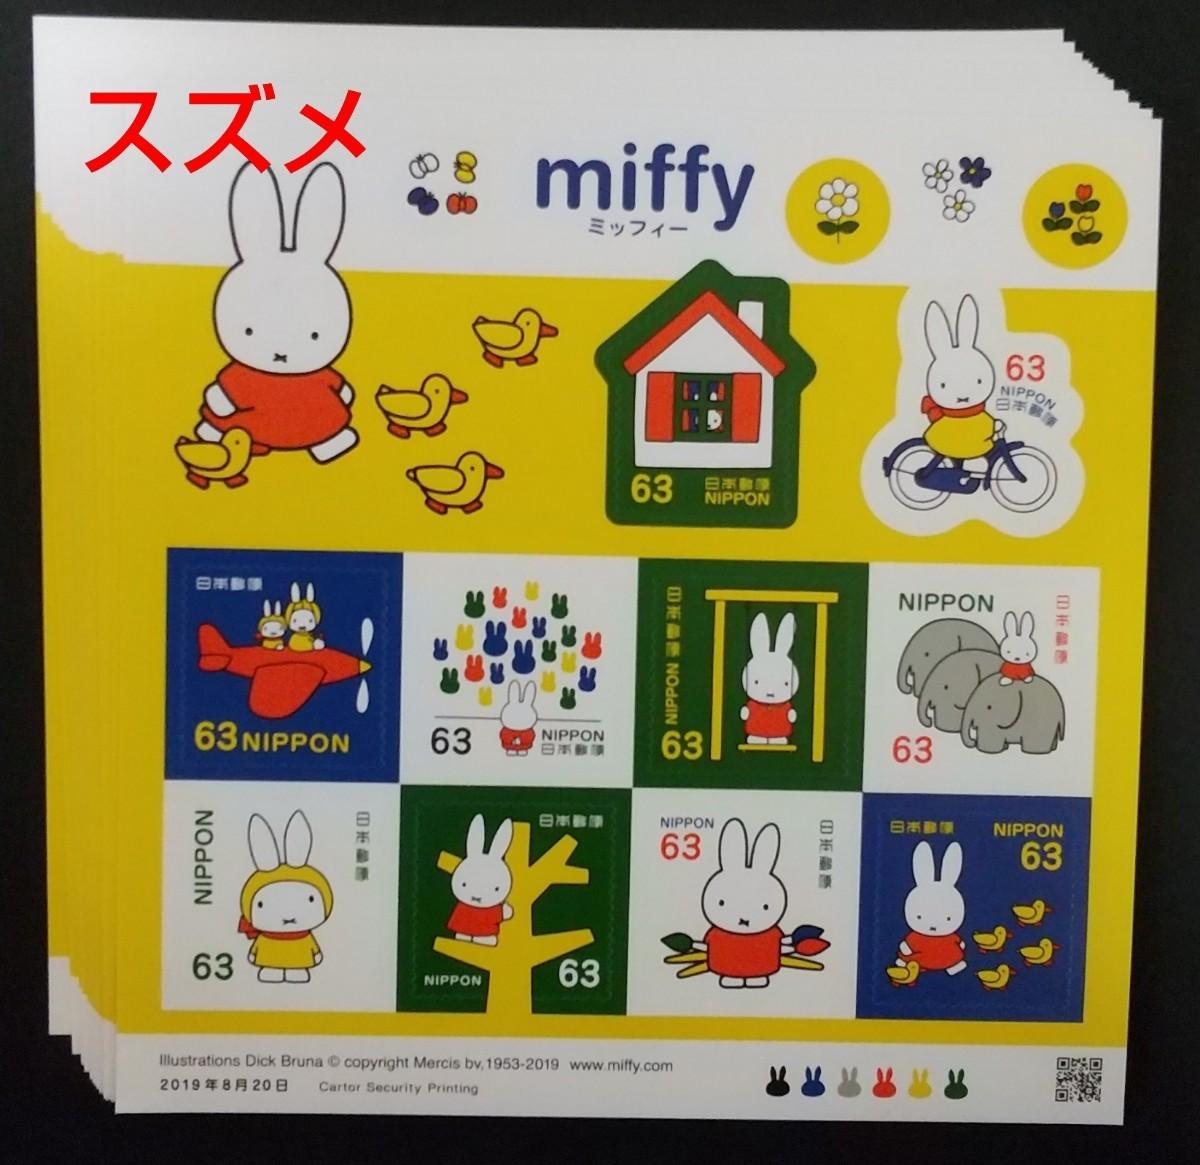 ミッフィー 63円 シール切手 10シート 6300円分  シール式切手 記念切手